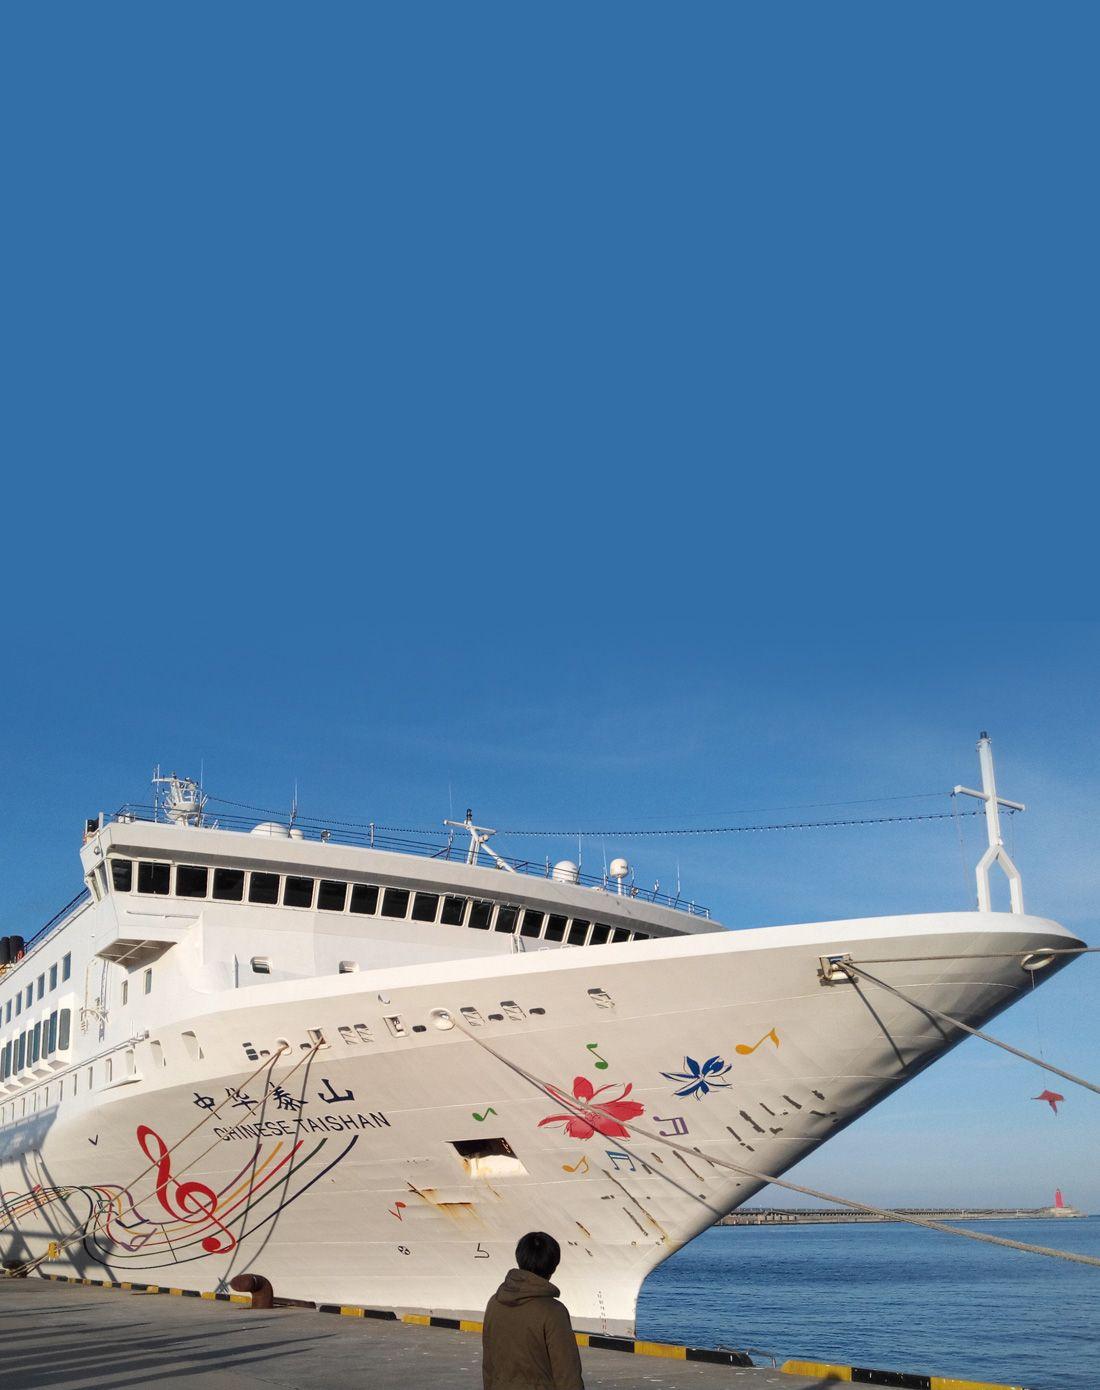 9月30日 中华泰山号邮轮 青岛-下关(福冈)-济州-青岛 4晚5天(标准内舱